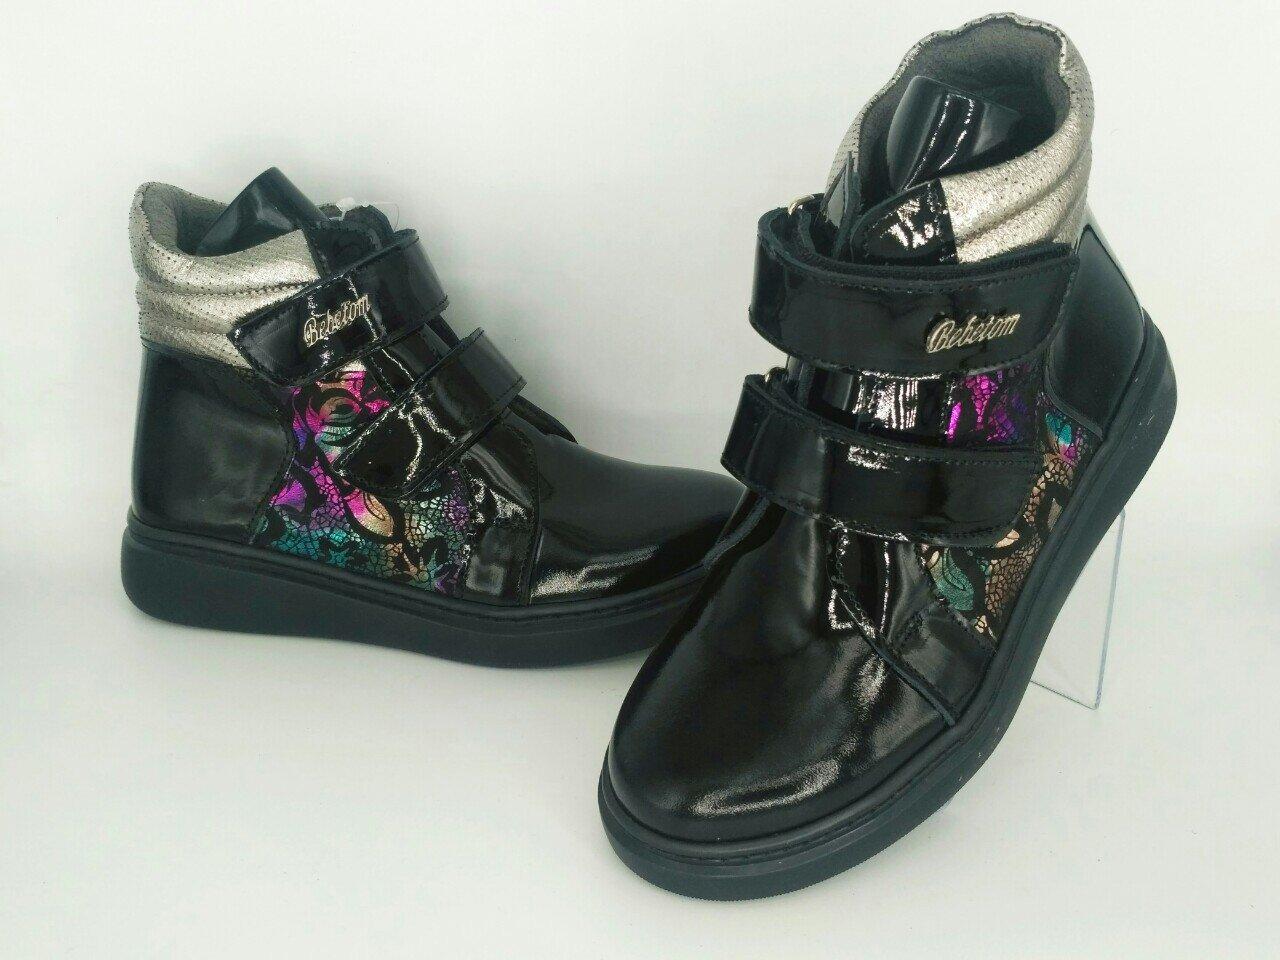 Ортопедичні дитячі чоботи ВЕВЕТОМ для дівчинки 35